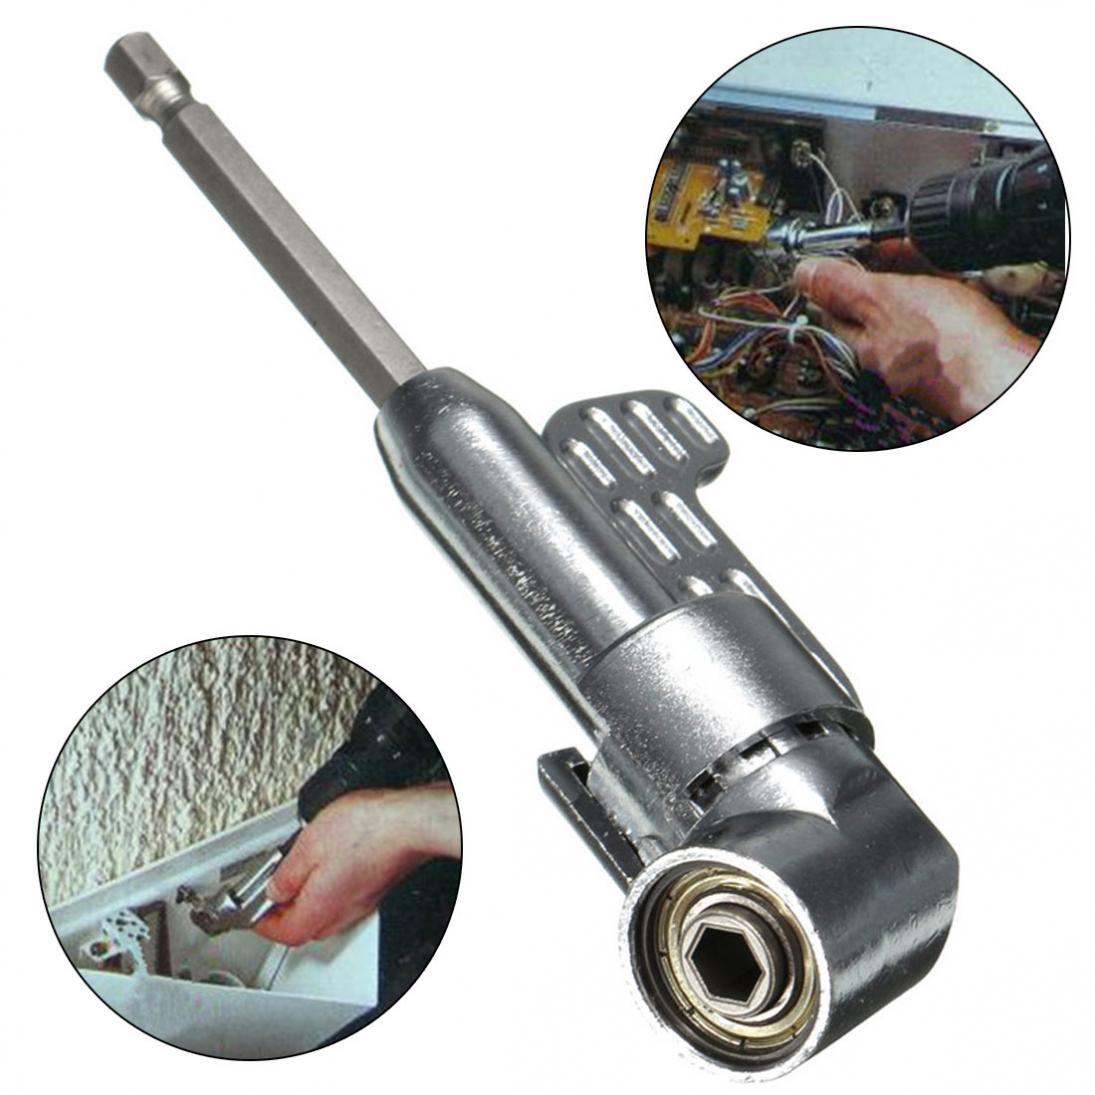 [해외]1/4 인치 육각 스크루 드라이버 비트 홀더 105도 각도 연장 소켓 홀더 어댑터/1/4 Inch Hex Screwdriver Bit Holder 105 Degree Angle Extension Socket Holder Adaptor